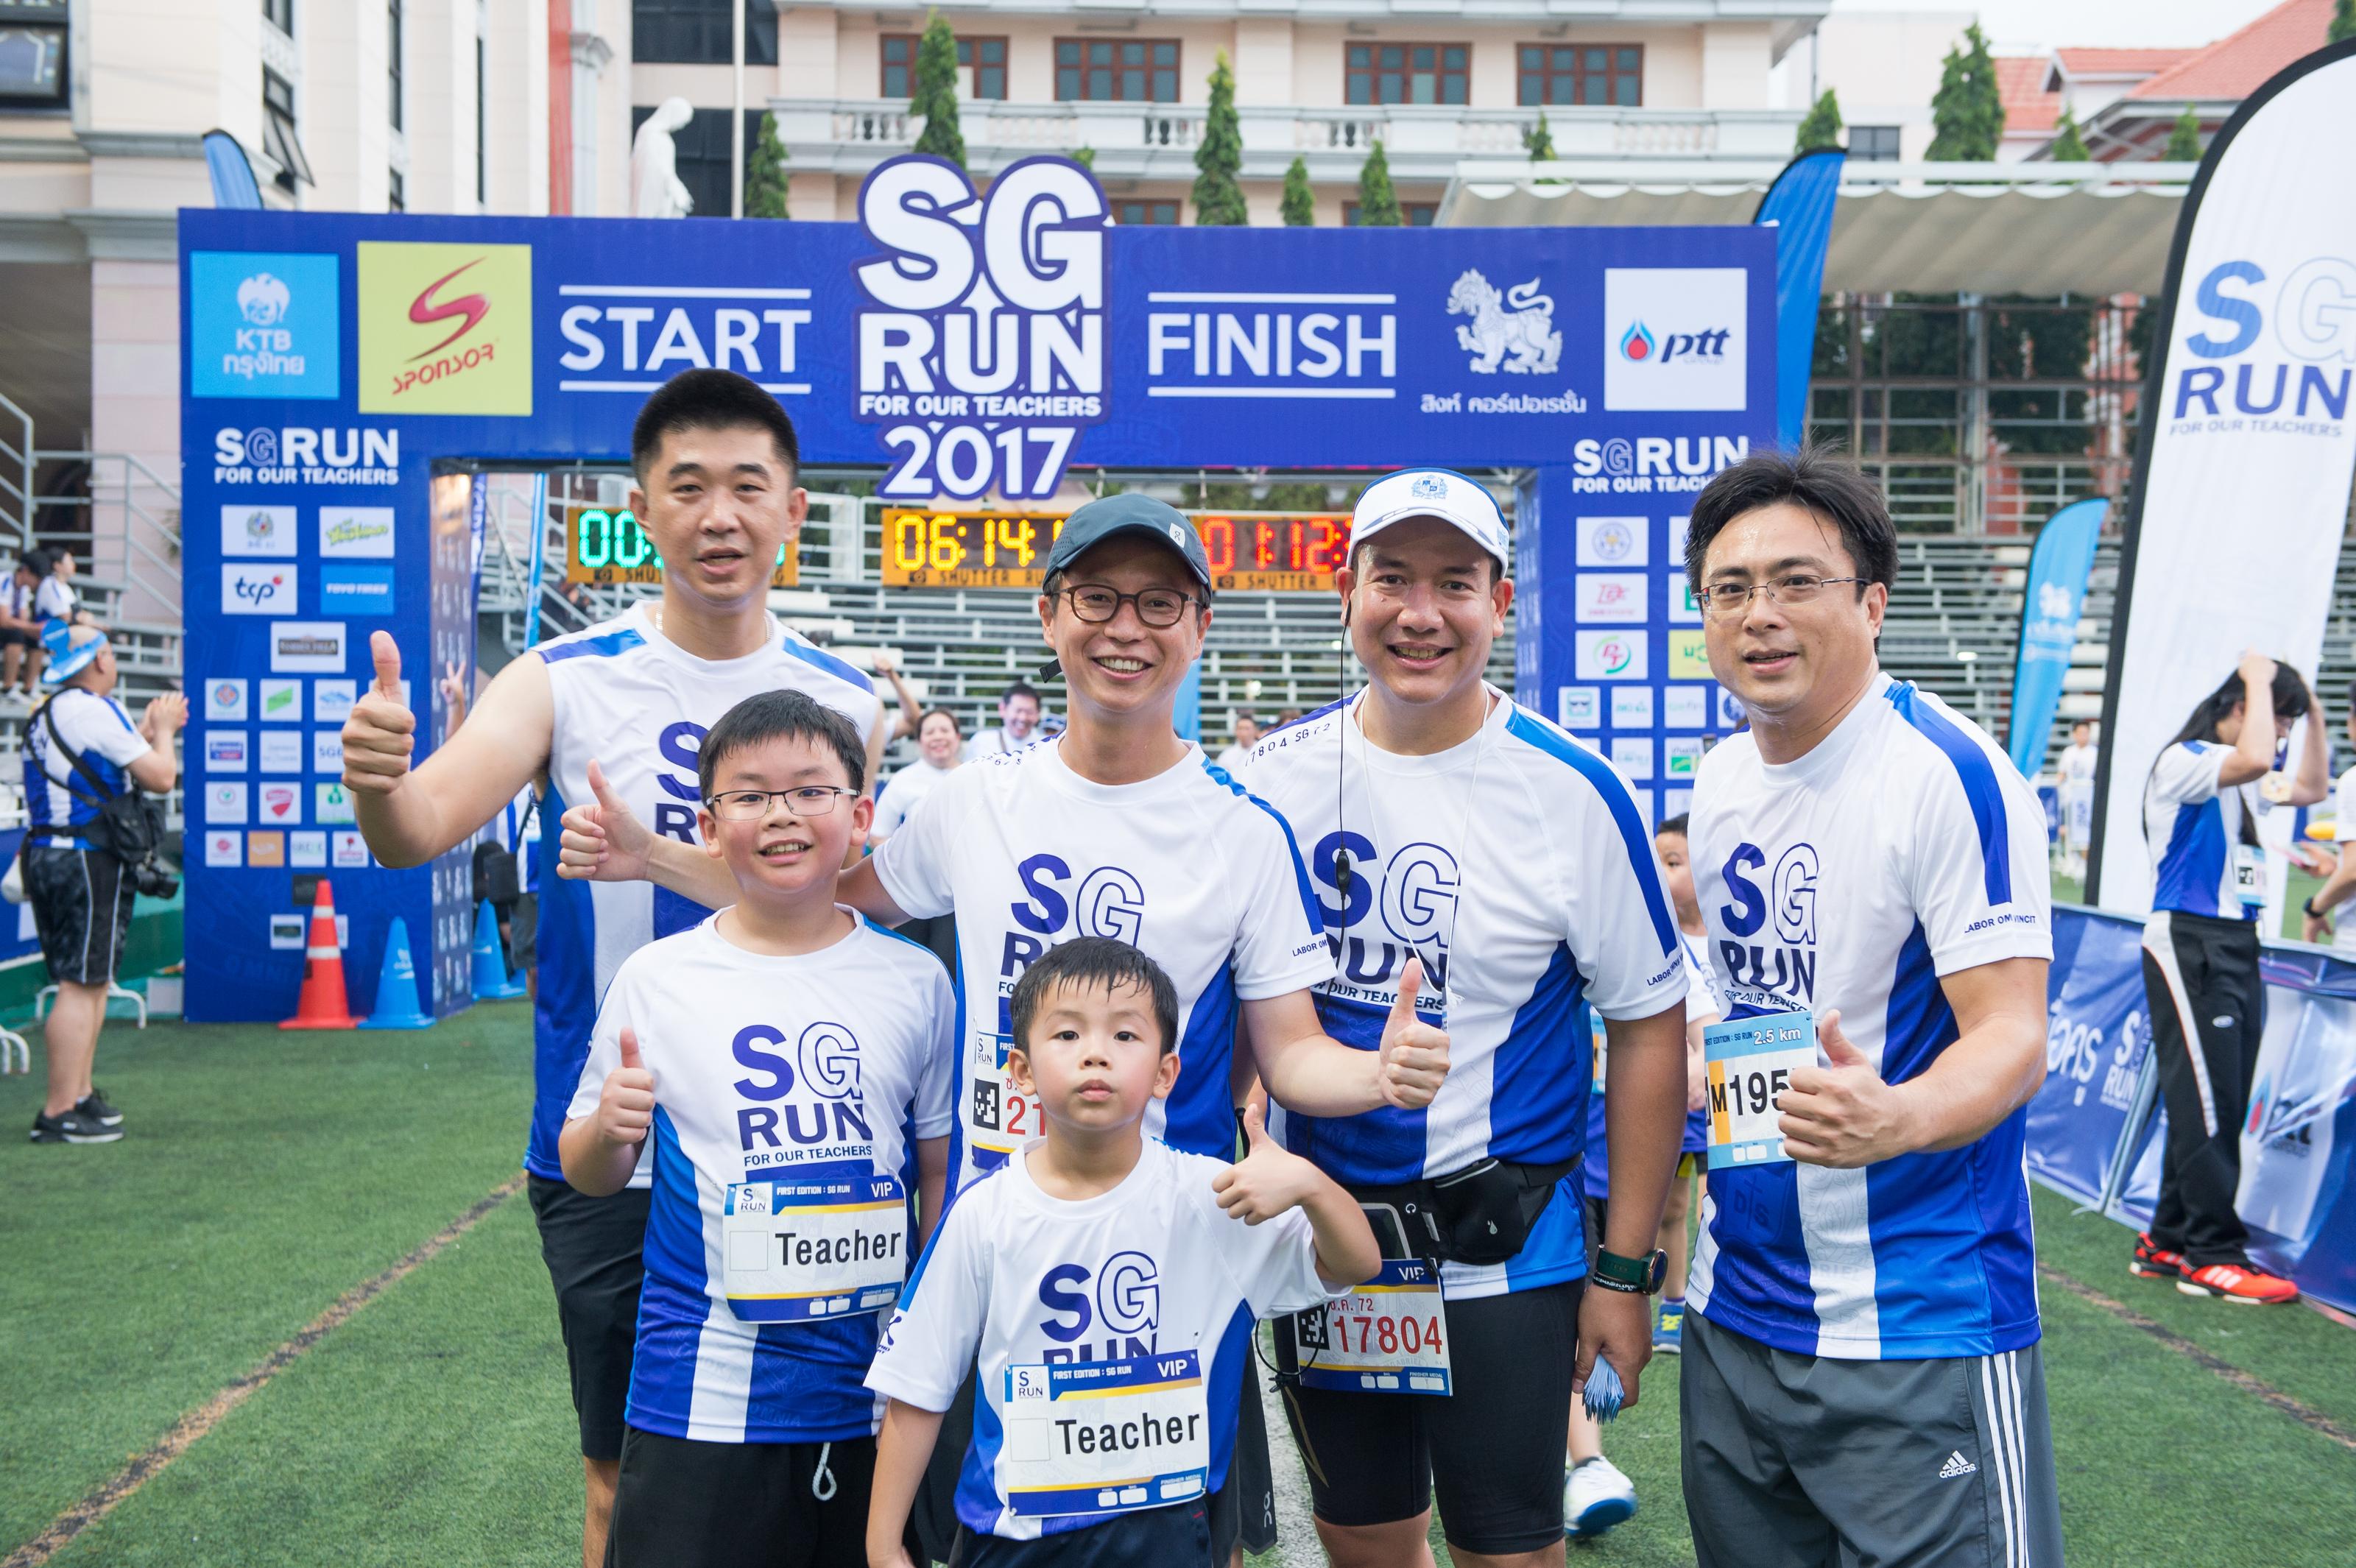 """โตโย ไทร์ร่วมสนับสนุนวิ่งการกุศล """"SG RUN"""" ก้าวนี้เพื่อครูของพวกเรา"""